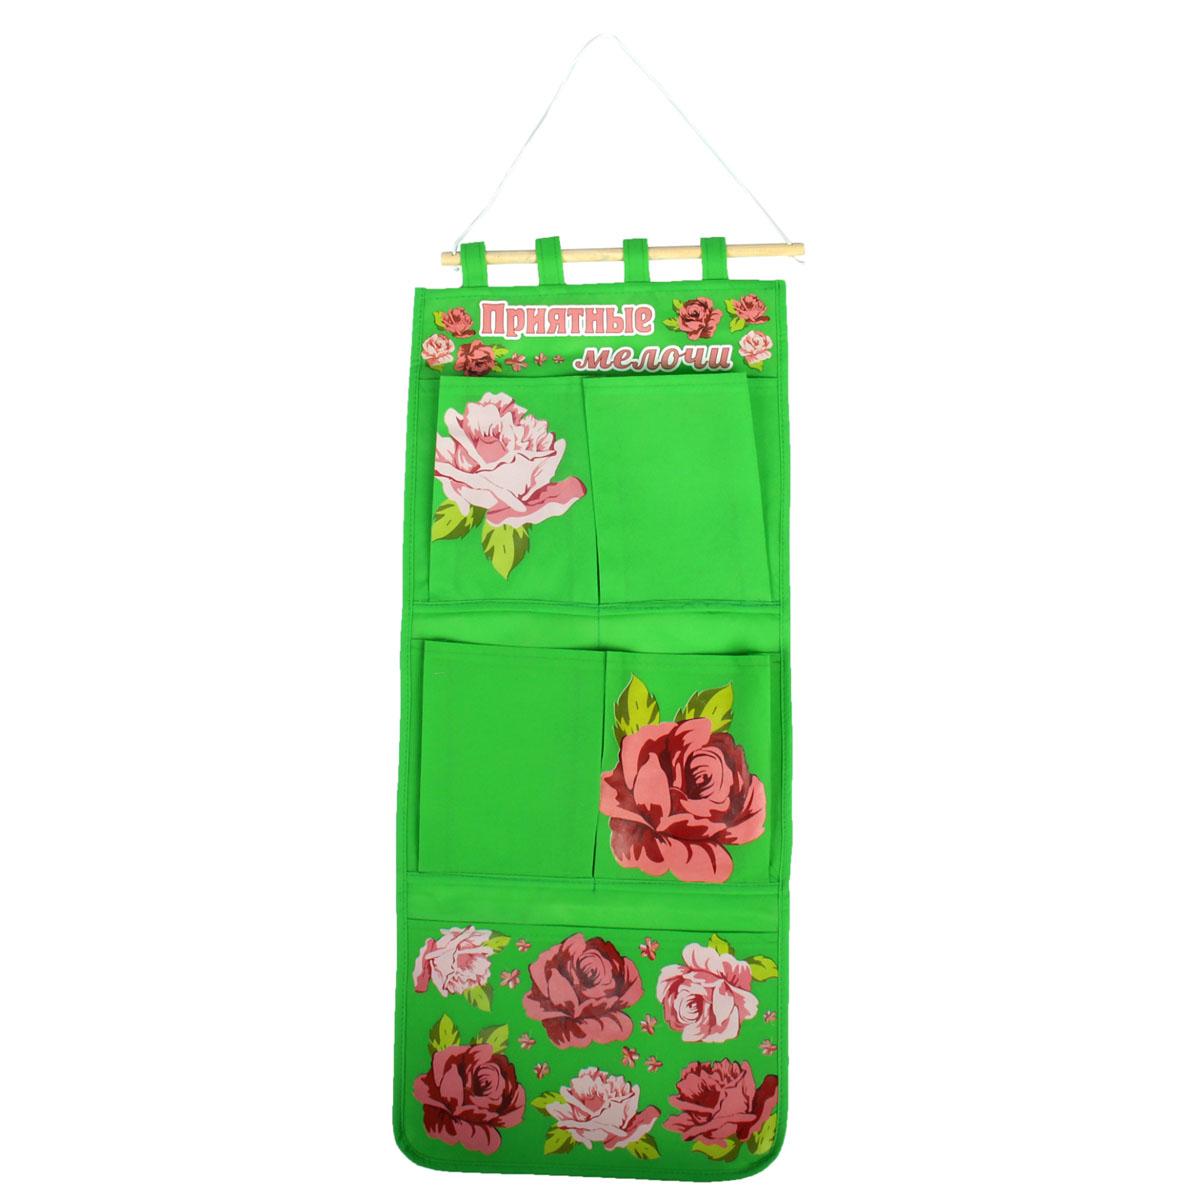 Кармашки на стену Sima-land Приятные мелочи, цвет: салатовый, розовый, бордовый, 5 шт906880Кармашки на стену Sima-land «Приятные мелочи», изготовленные из текстиля, предназначены для хранения необходимых вещей, множества мелочей в гардеробной, ванной, детской комнатах. Изделие представляет собой текстильное полотно с пятью пришитыми кармашками. Благодаря деревянной планке и шнурку, кармашки можно подвесить на стену или дверь в необходимом для вас месте. Кармашки декорированы изображениями роз и надписью «Приятные мелочи.Этот нужный предмет может стать одновременно и декоративным элементом комнаты. Яркий дизайн, как ничто иное, способен оживить интерьер вашего дома.